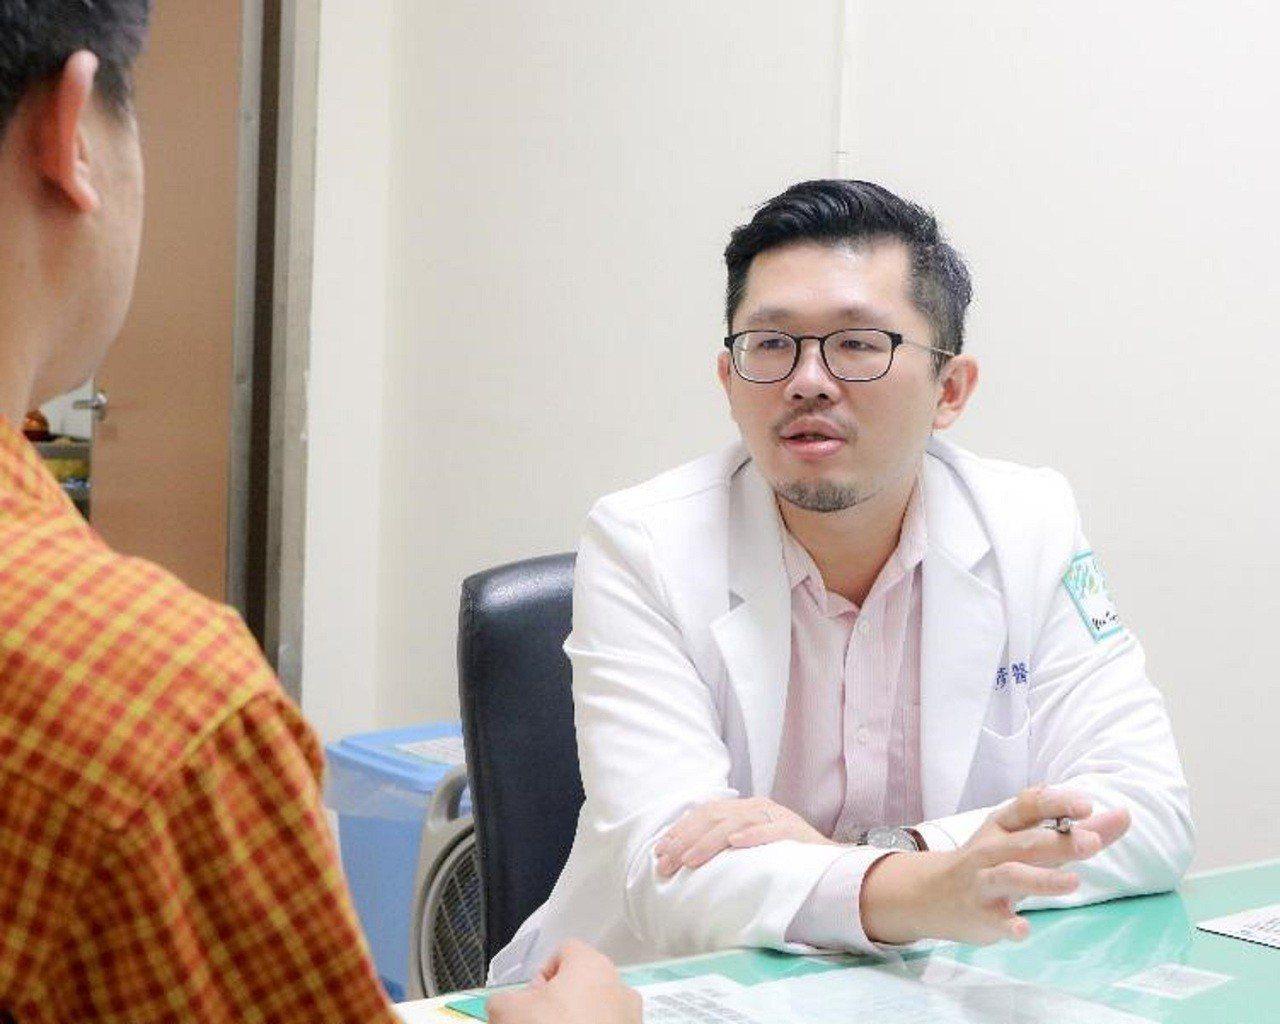 緩和醫療強調「全人、全家、全程、全團隊、全社區」的五全照護。圖/怡仁醫院提供